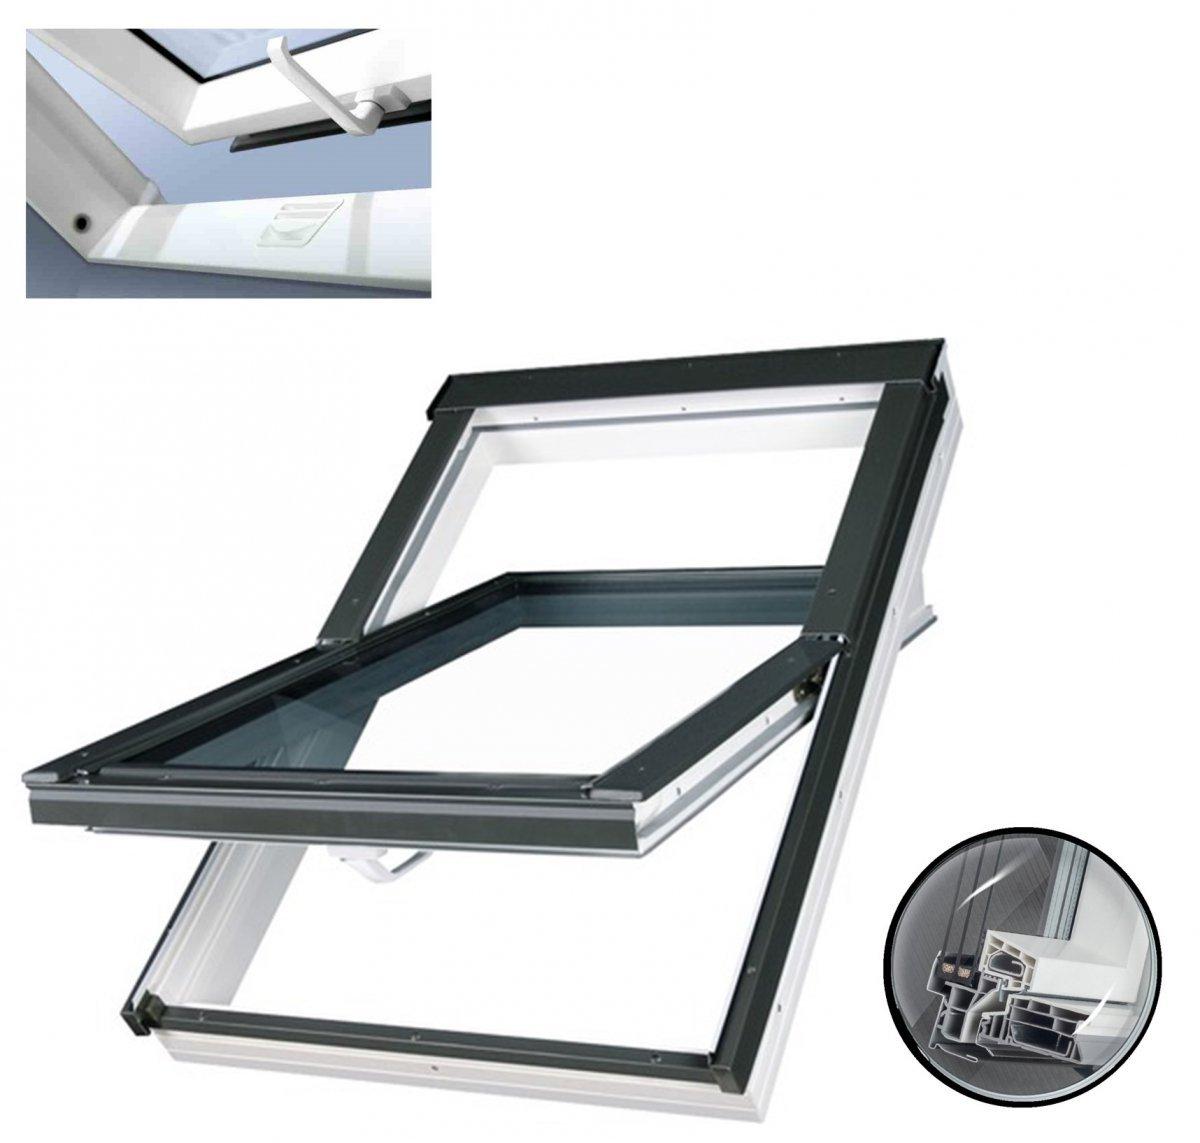 Dachfenster fakro ptp u4 3 fach verglasung schwingfenster energiesparende uw 1 1 ug 7 w m k - Dachfenster 3 fach verglasung ...